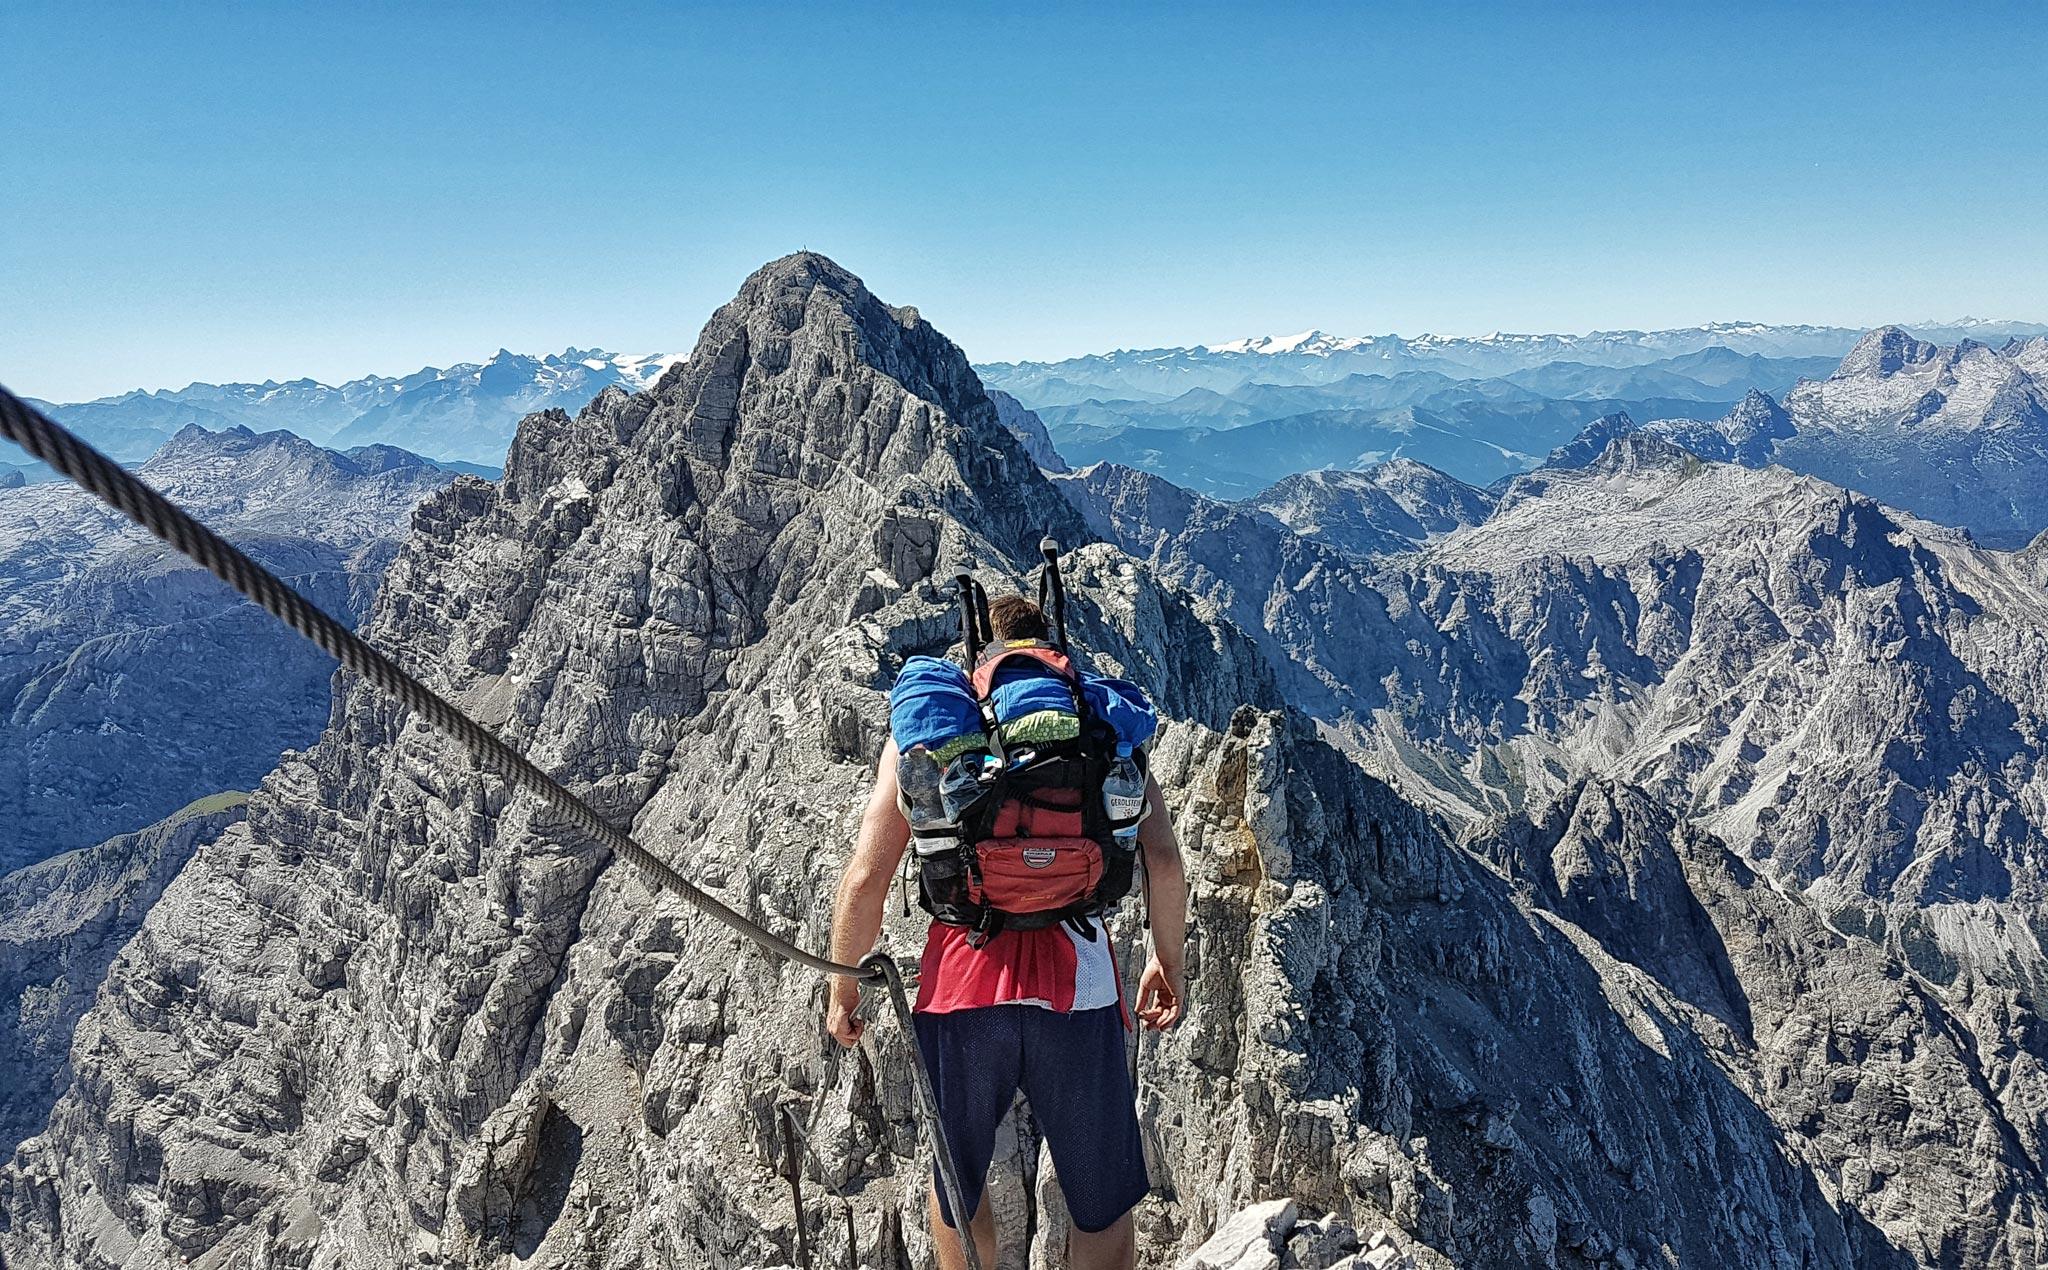 Hindelanger Klettersteig Ungesicherte Stellen : Käsch kraxel am hindelanger klettersteig